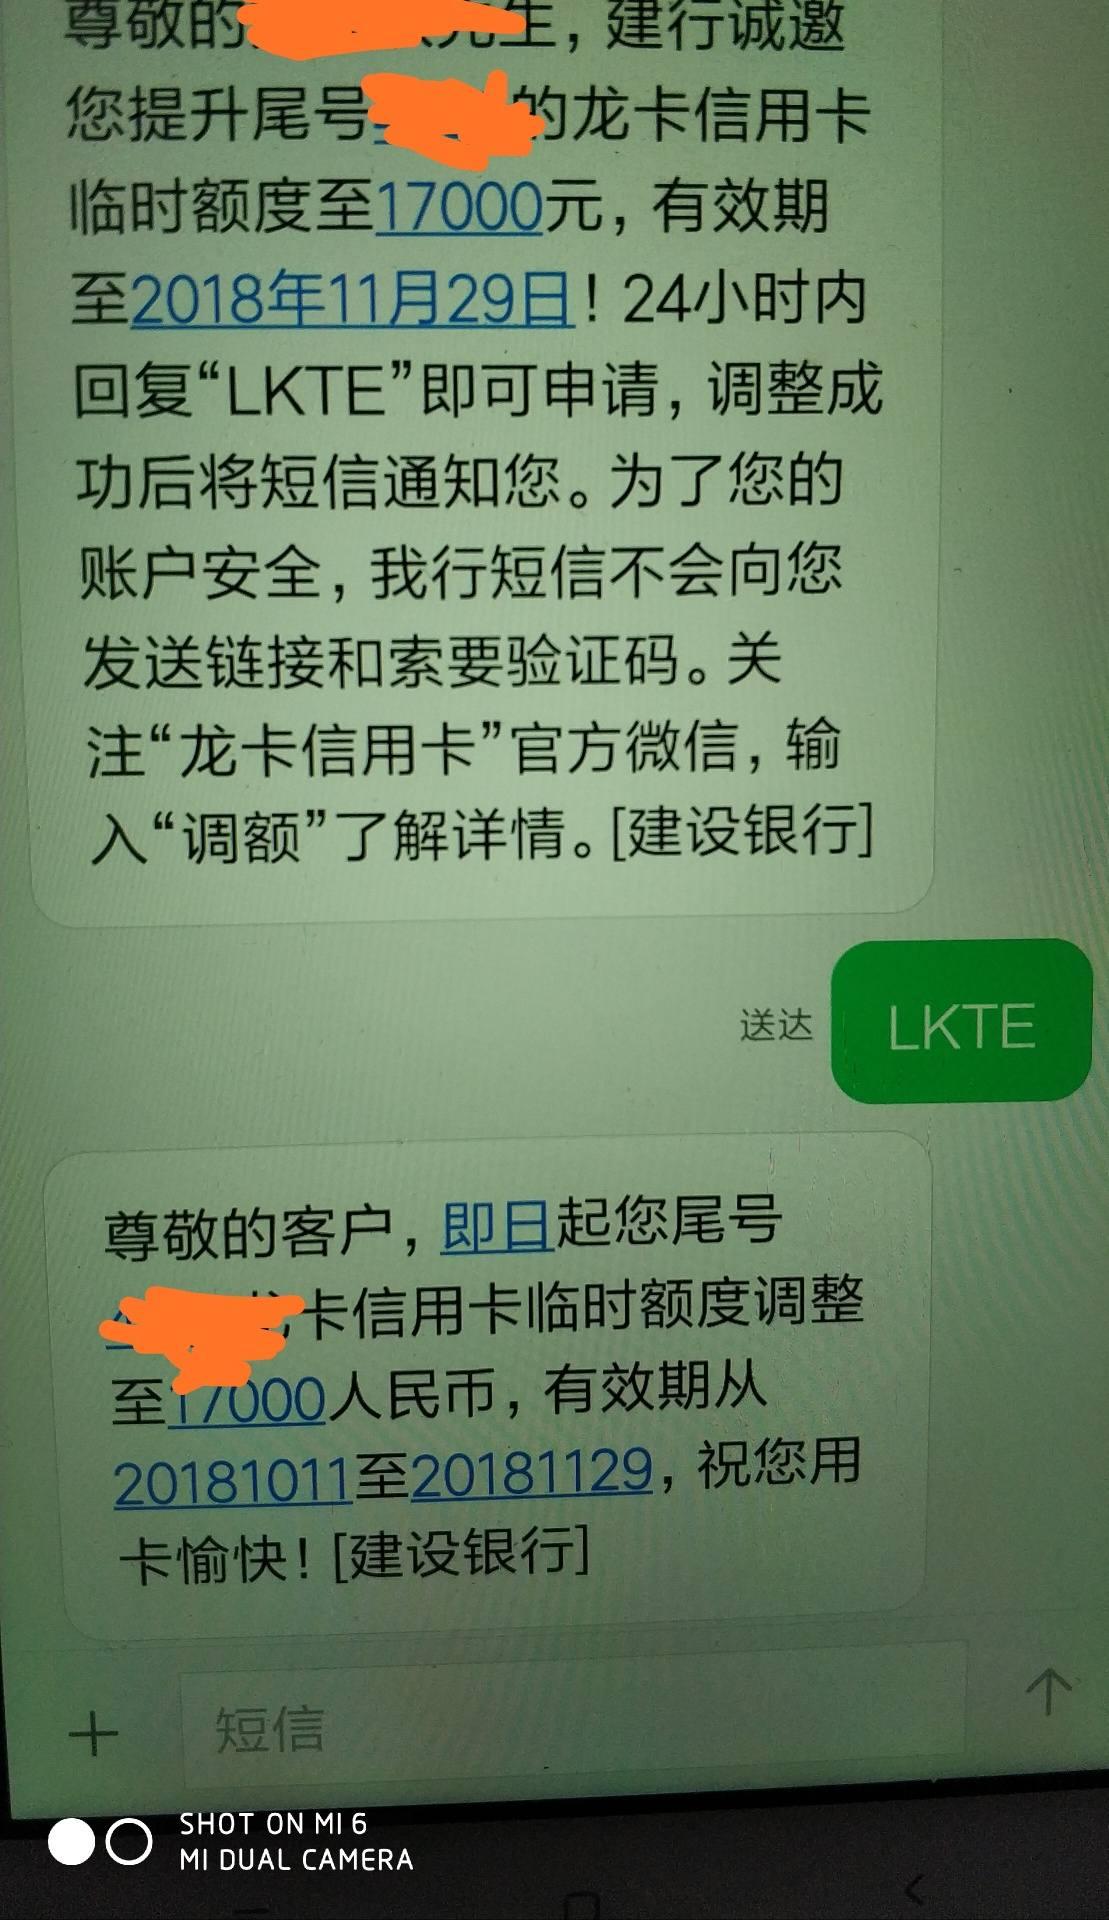 中国建设银行银行卡 - QQ图片库 - QQ生活网